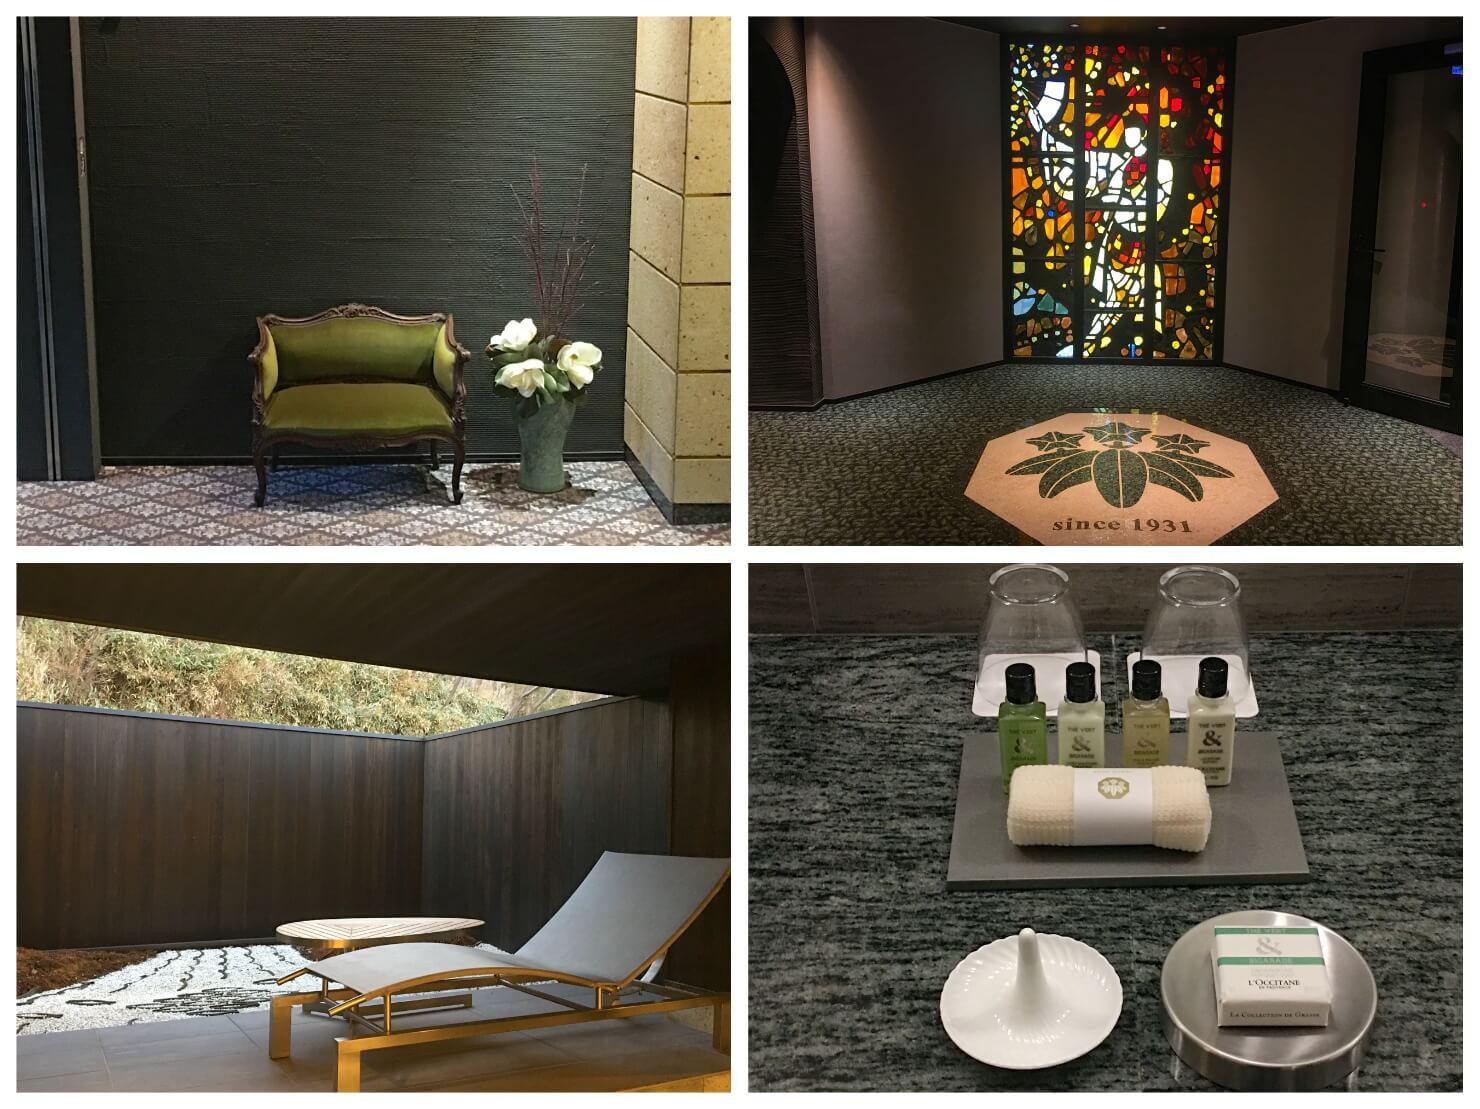 金谷リゾート箱根の内装や調度品の写真